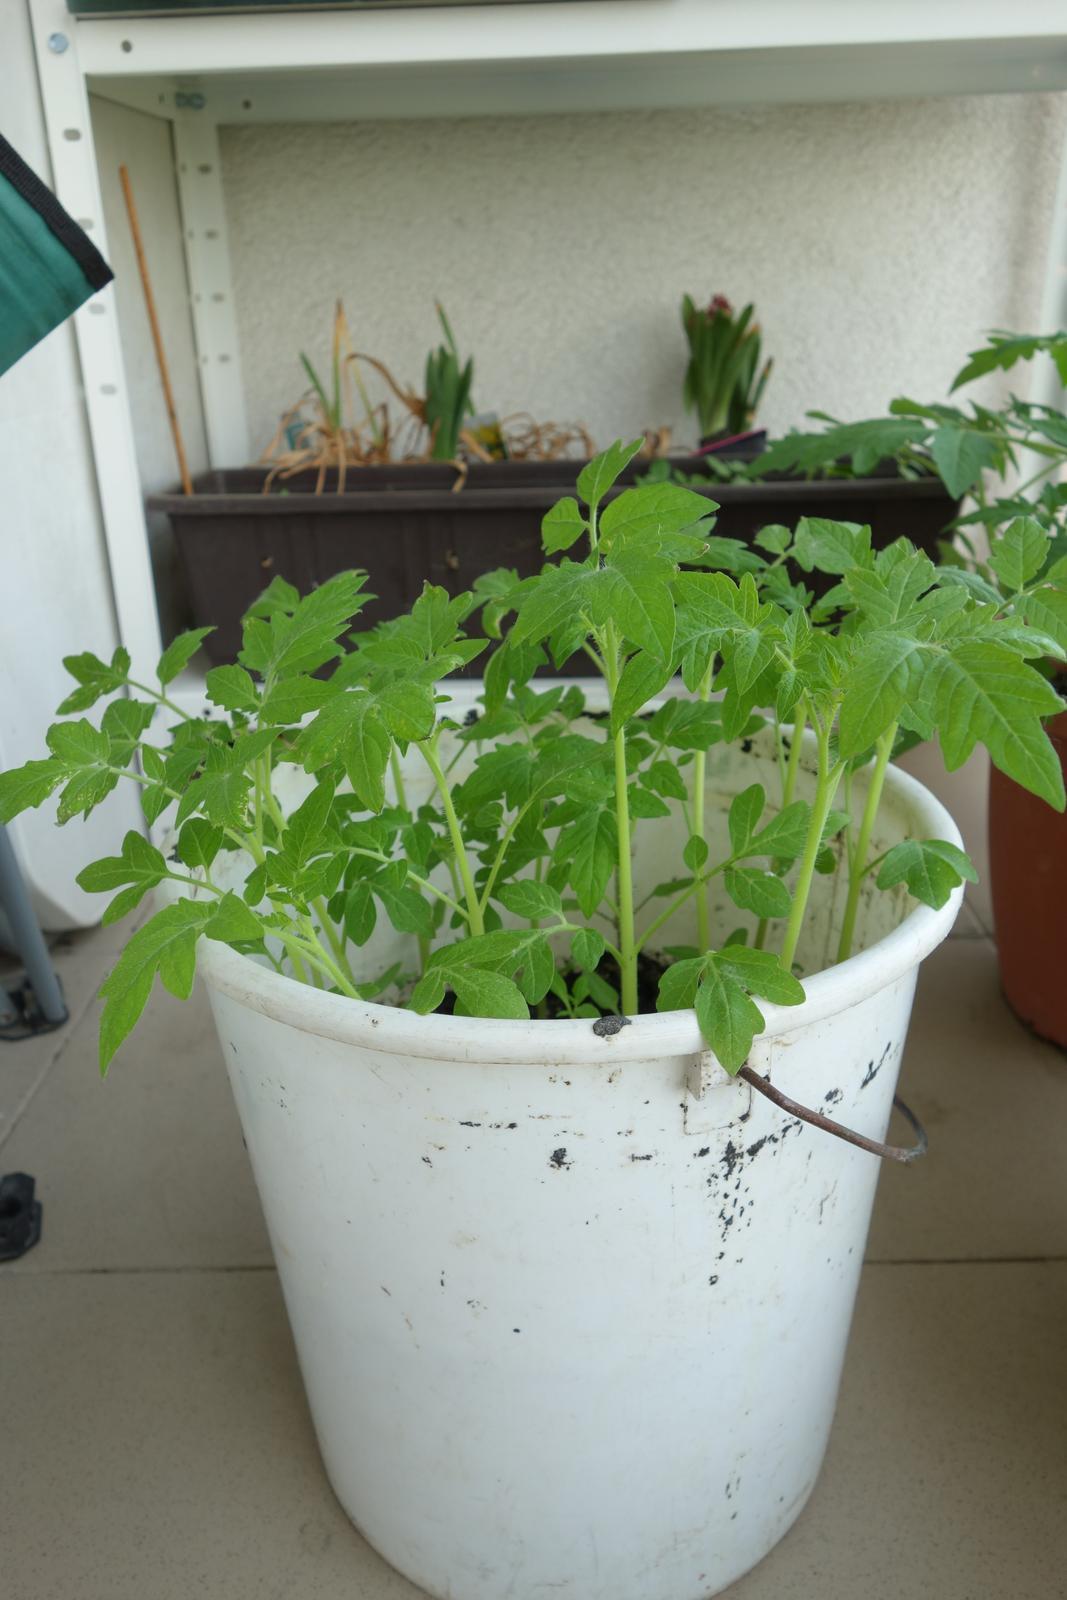 paradajka zlta, obria - Obrázok č. 2